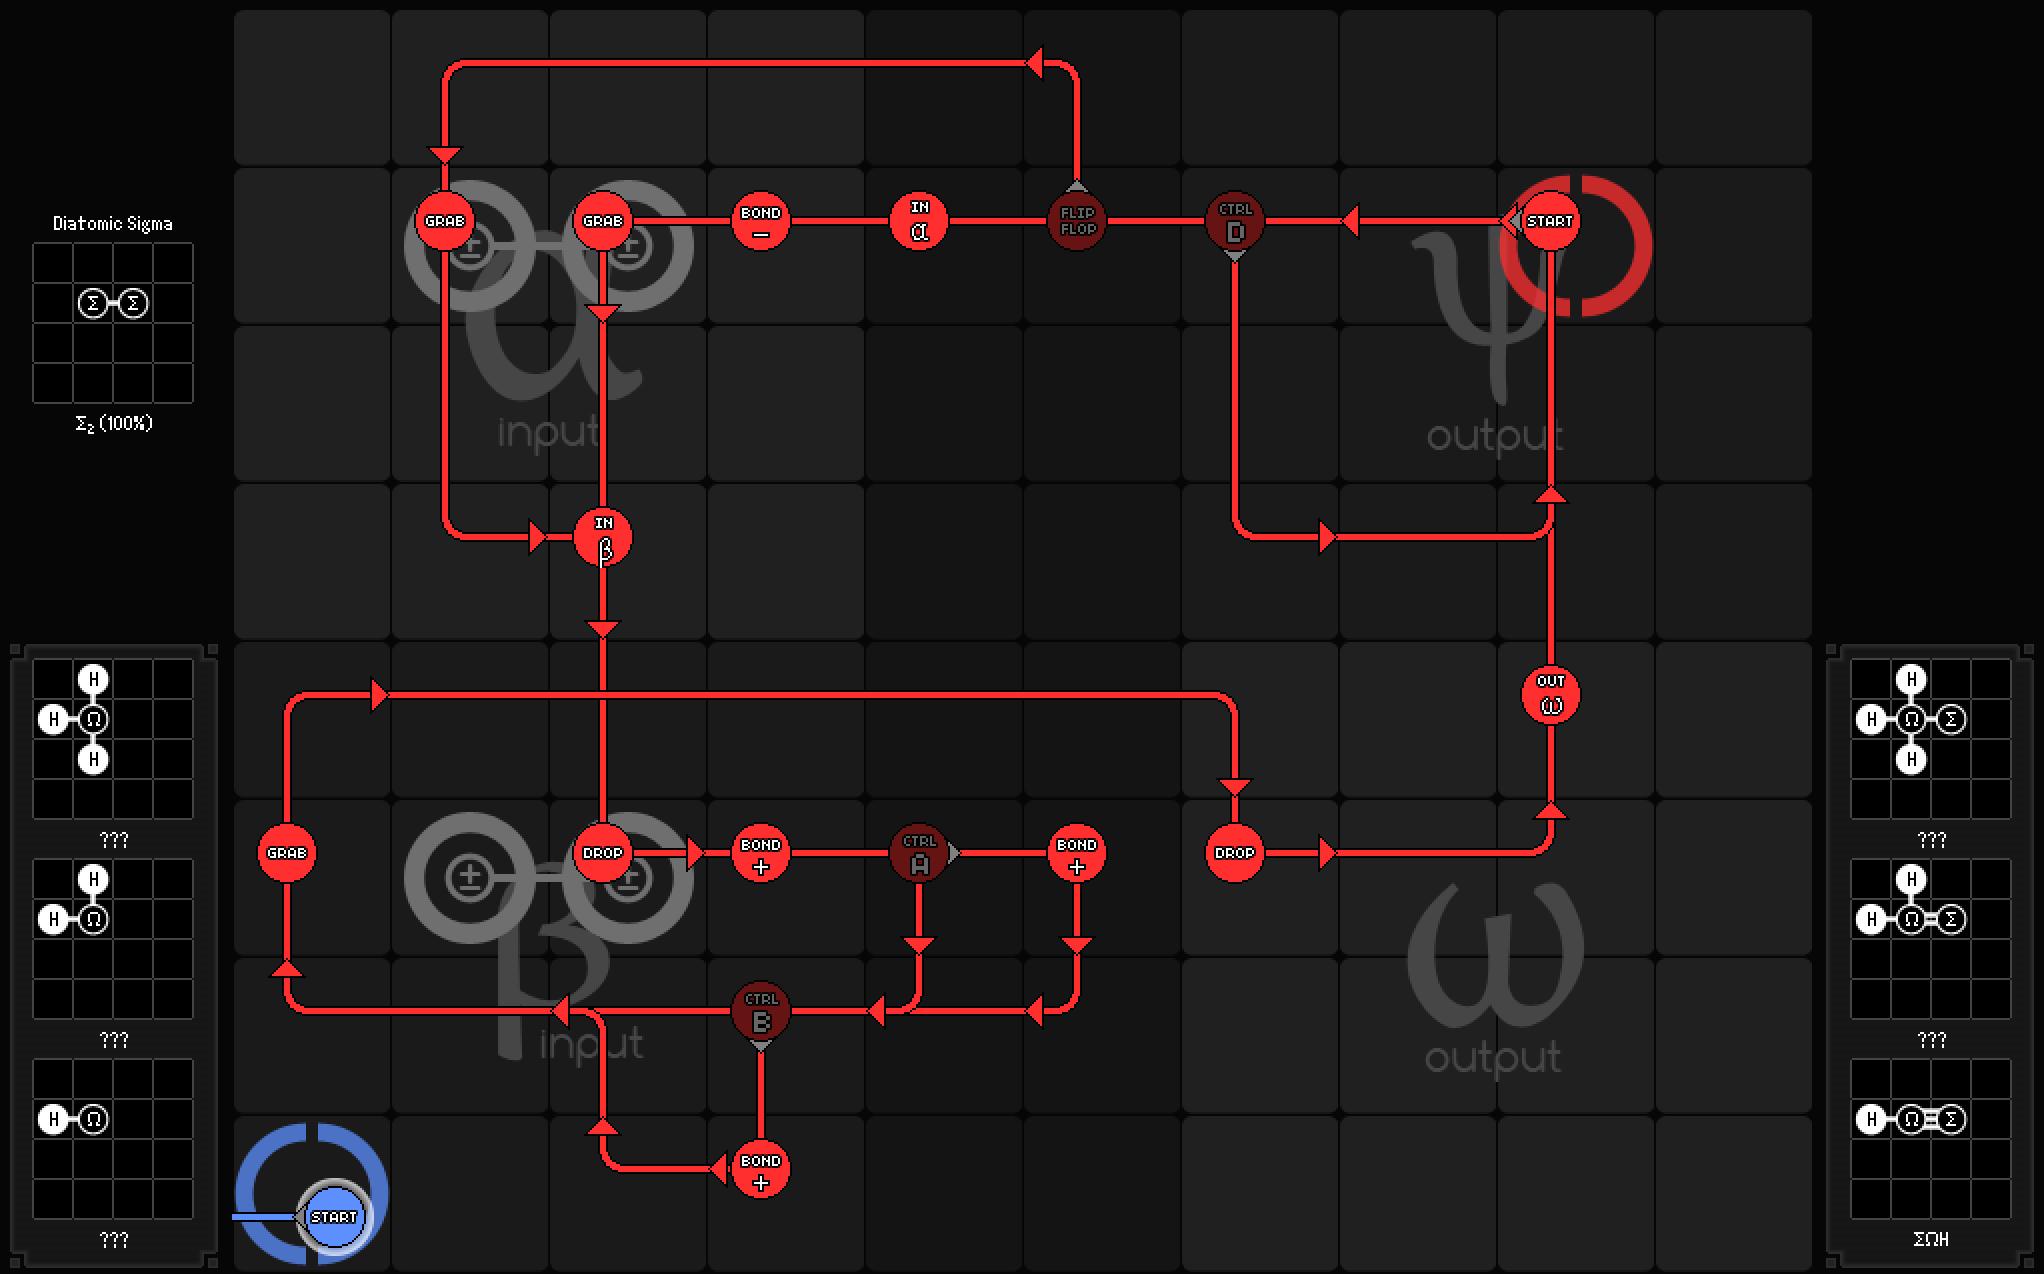 1_Story_Mode/8_Flidais/SpaceChem-8.6.a-boss/Reactor_2.png